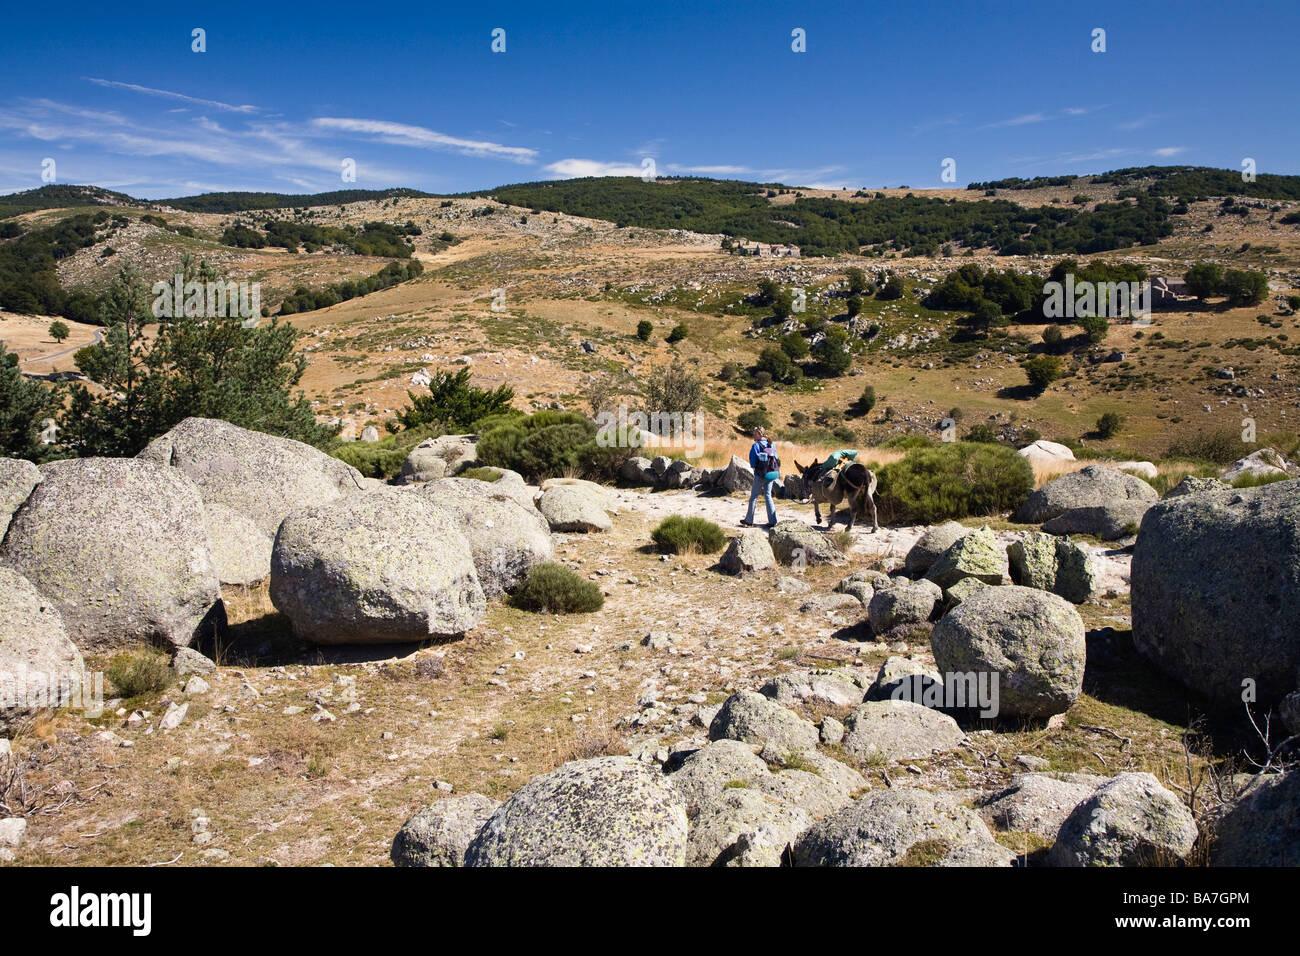 Mujer en una caminata, excursión con un burro en las montañas de Cévennes, Cevennen, Francia Imagen De Stock